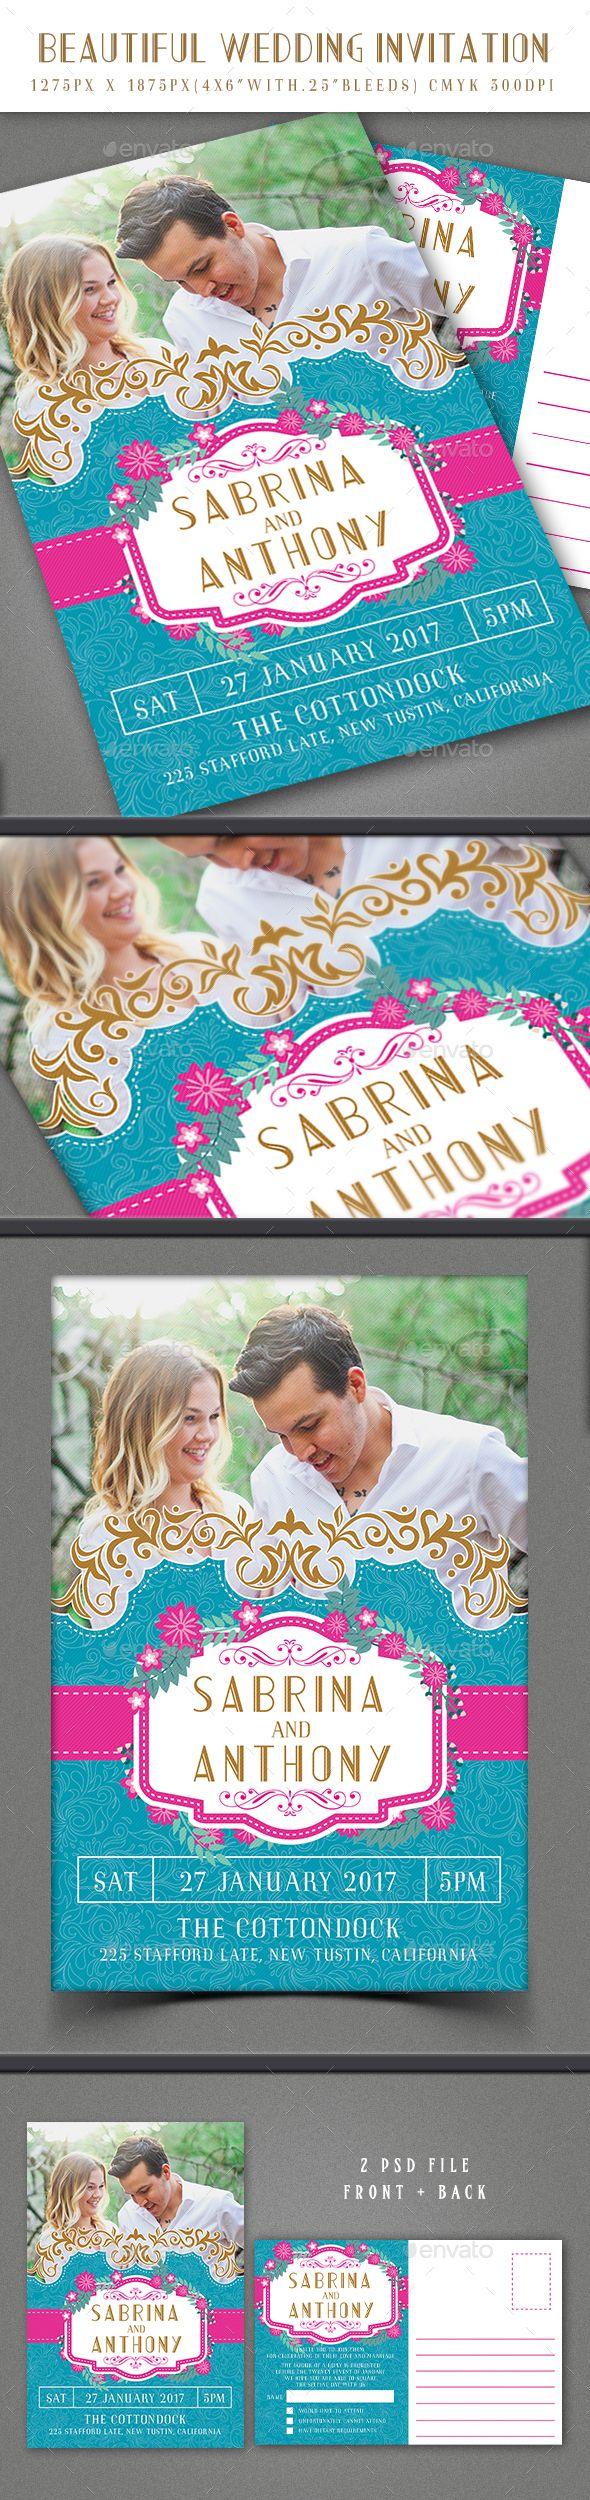 Wedding Invitation Invitations Cards u0026 Invites